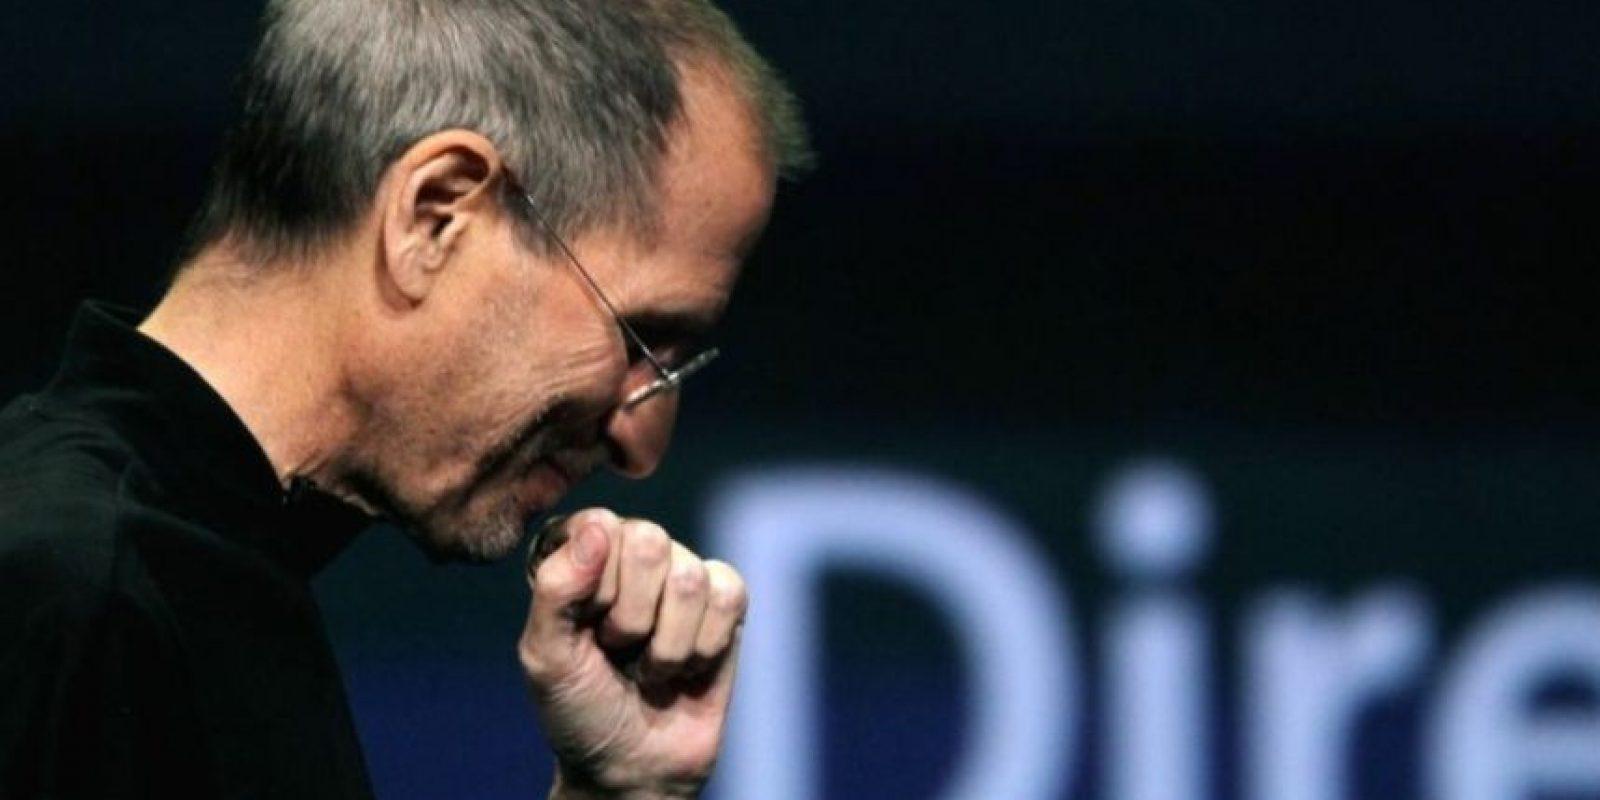 """""""Esto es lo que sucede cuando tu MacBook Pro sufre daño por el agua. Son máquinas profesionales y no les gusta el agua. Pareciera que solo estás buscando a alguien con quien enfadarte en lugar de hacerlo contigo mismo"""". Foto:Getty Images"""